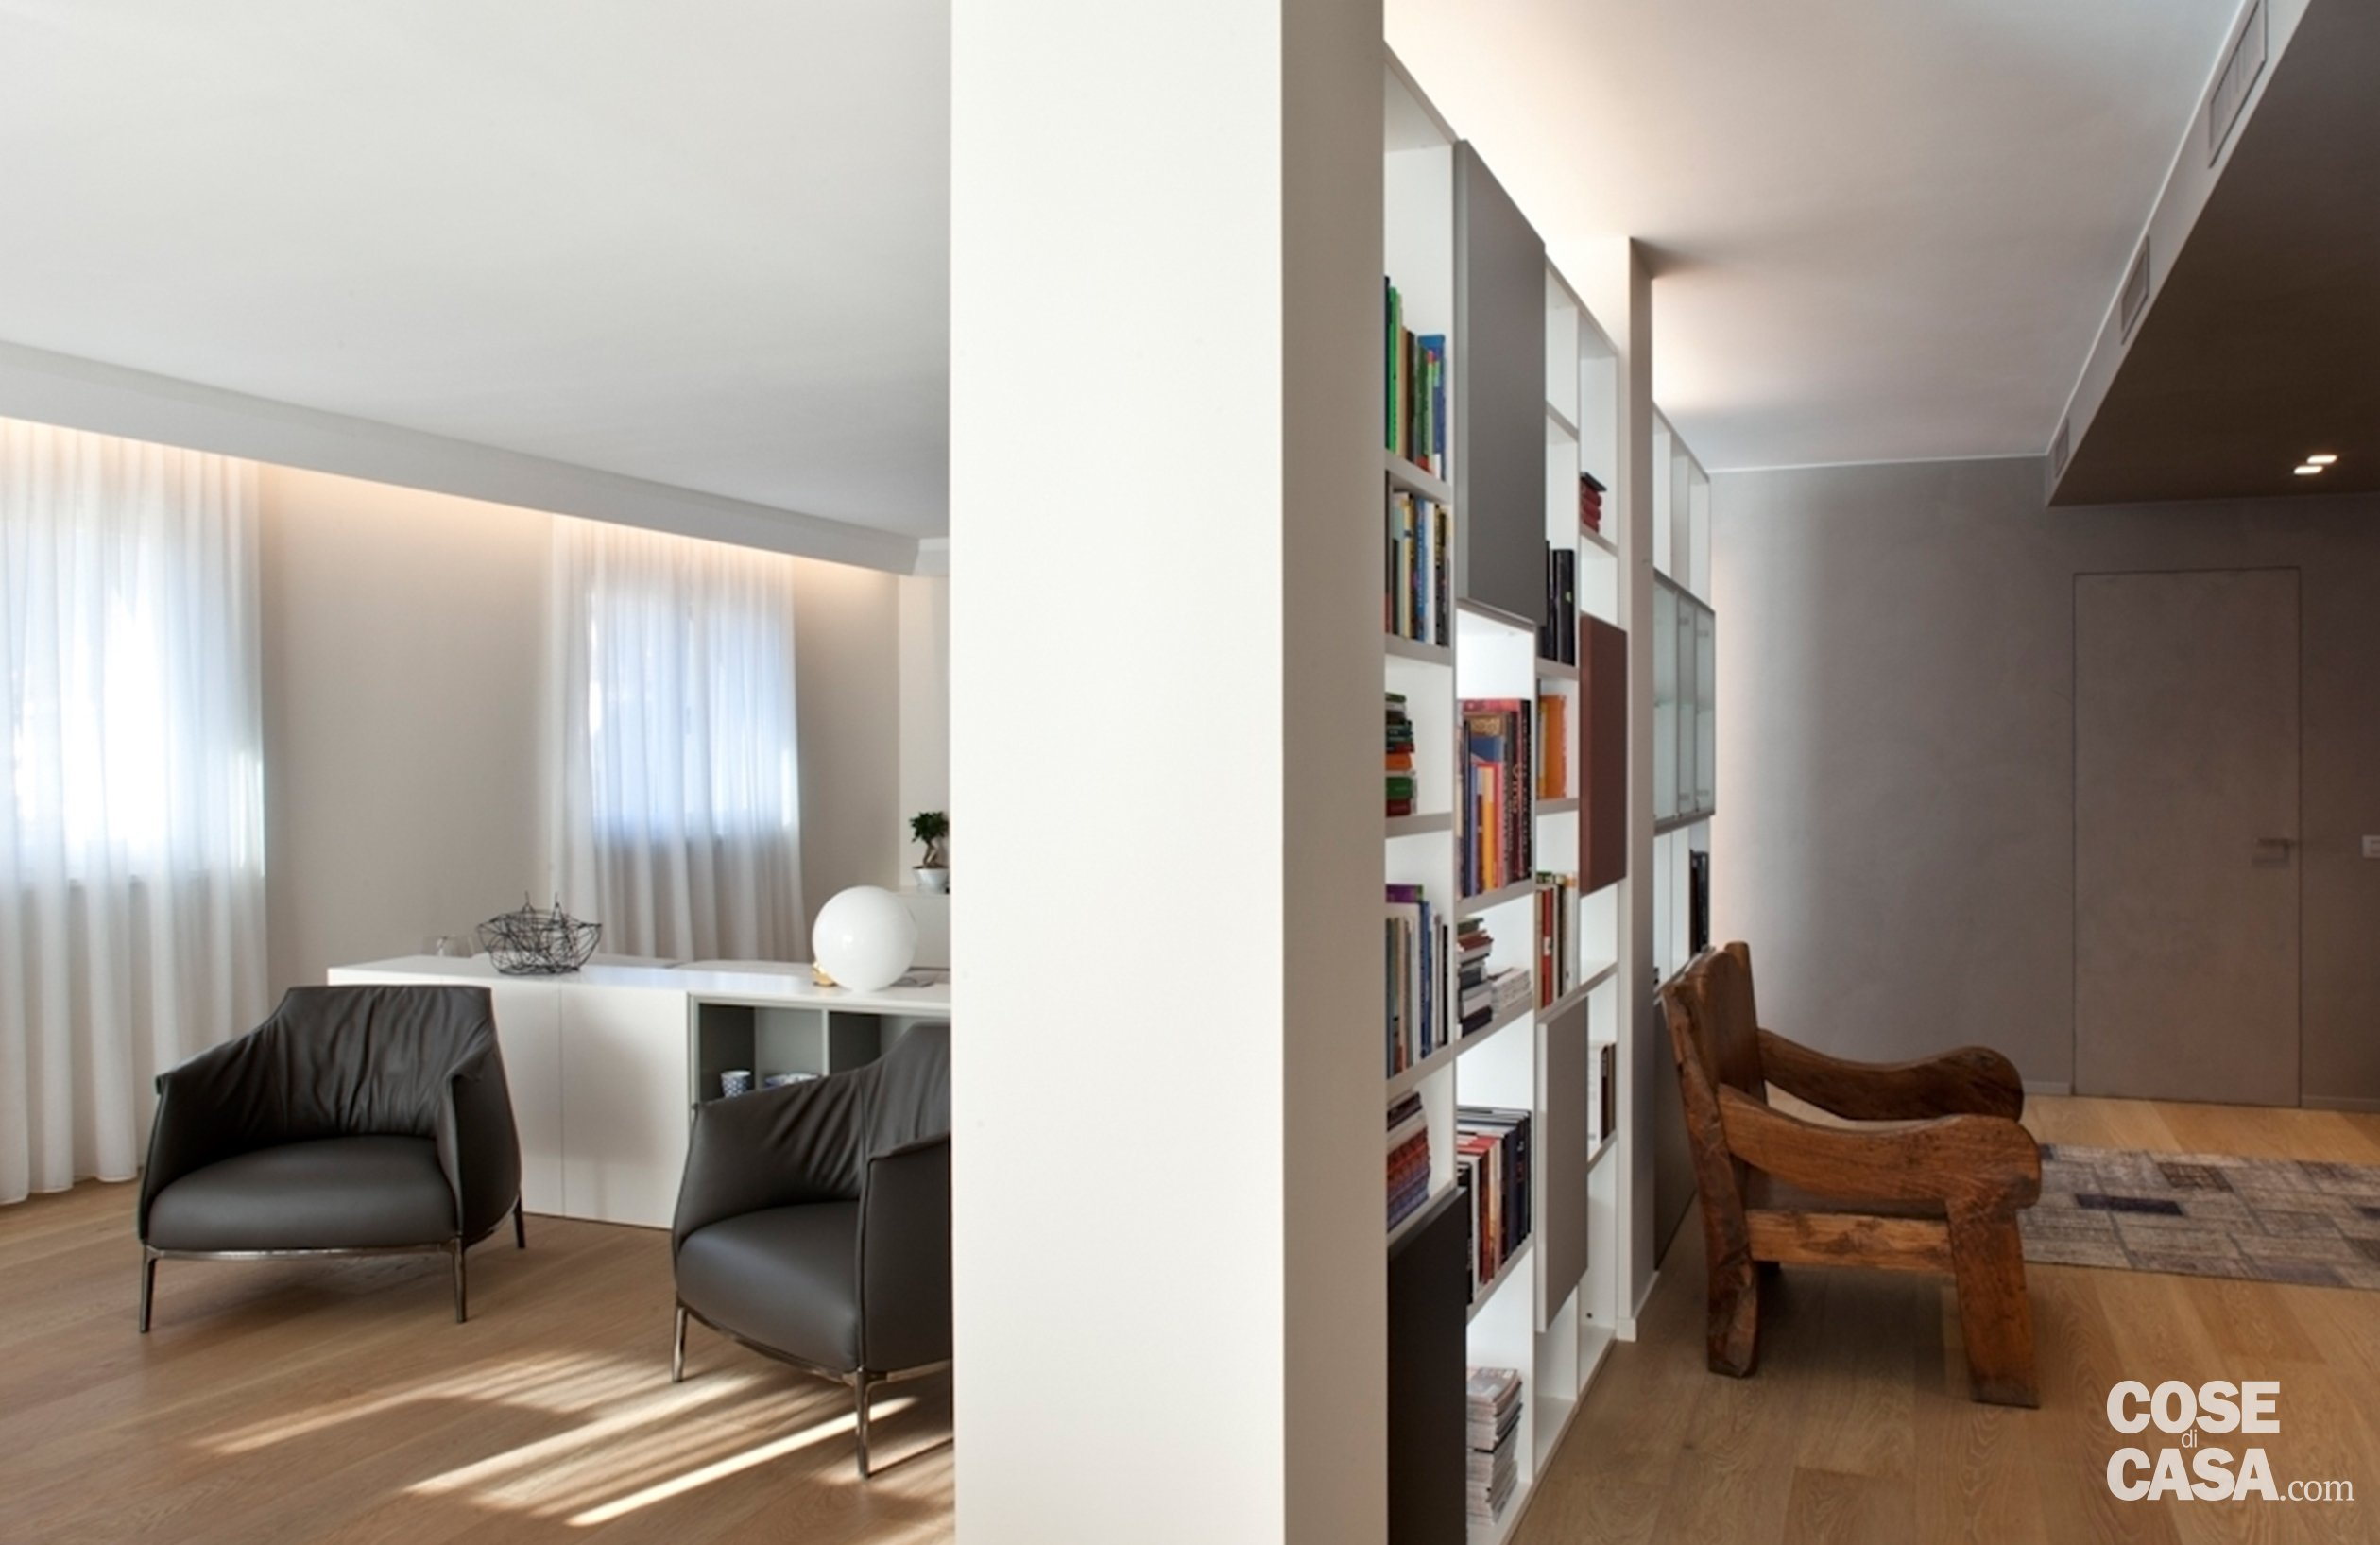 Soluzioni da copiare nella casa con percorso di piastrelle